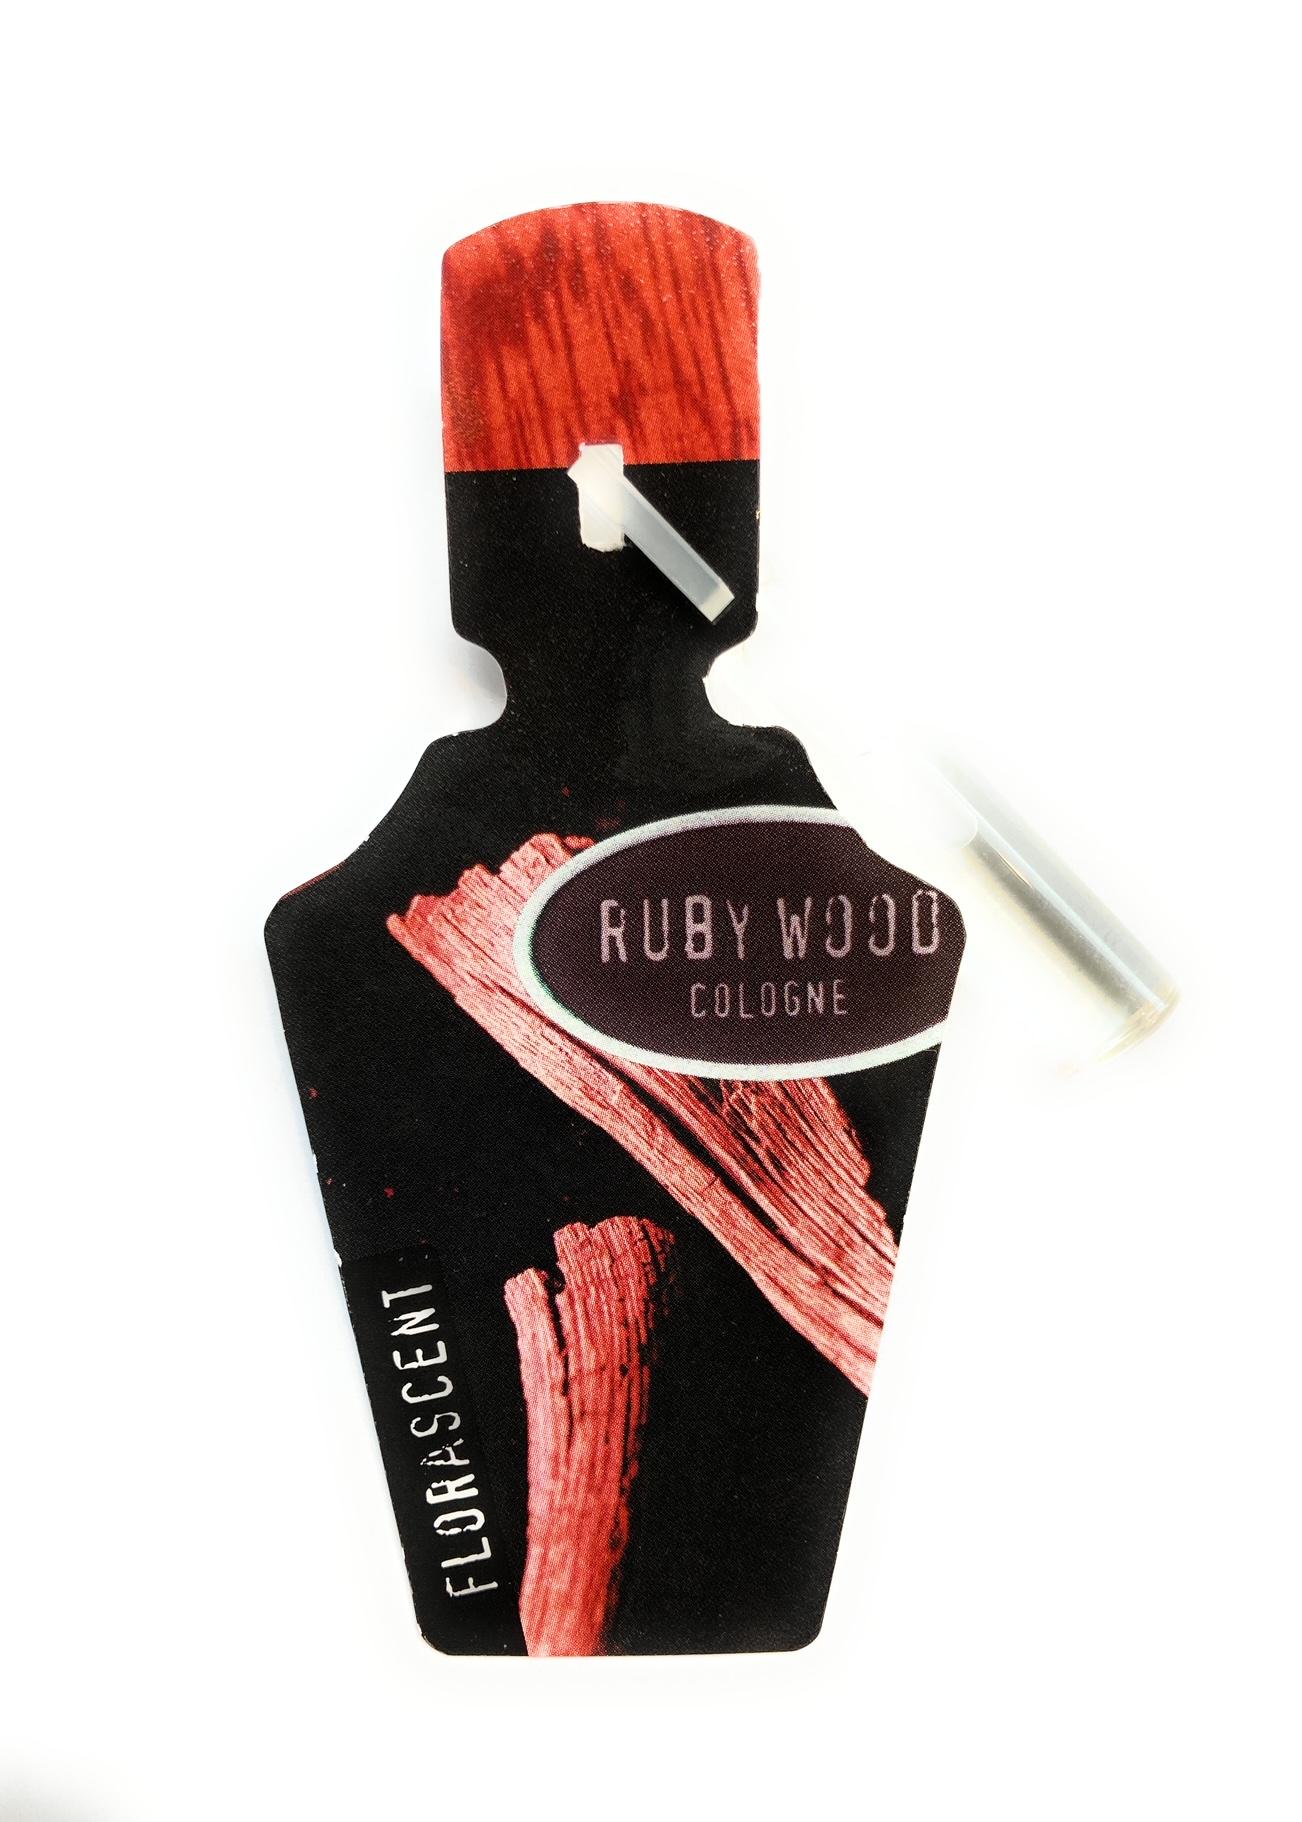 Ruby Wood Duftprobe 0,5ml